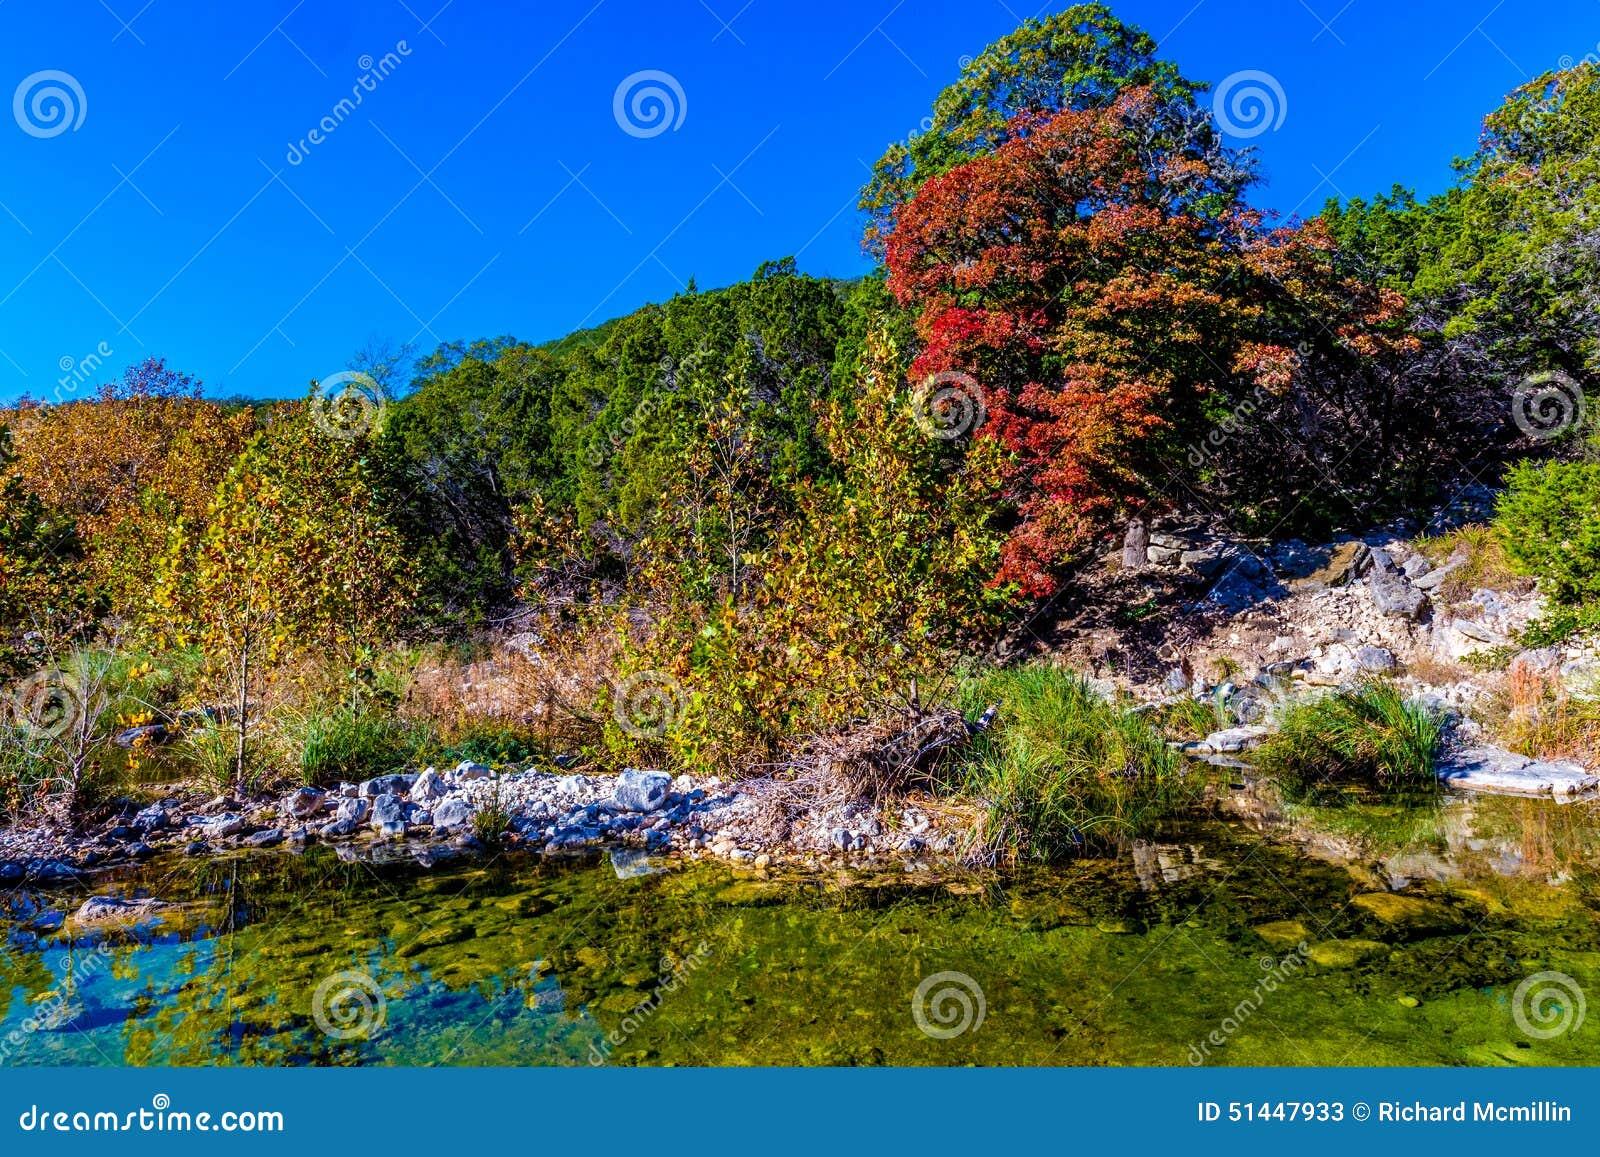 Folhagem de outono bonita brilhante em árvores de bordo impressionantes